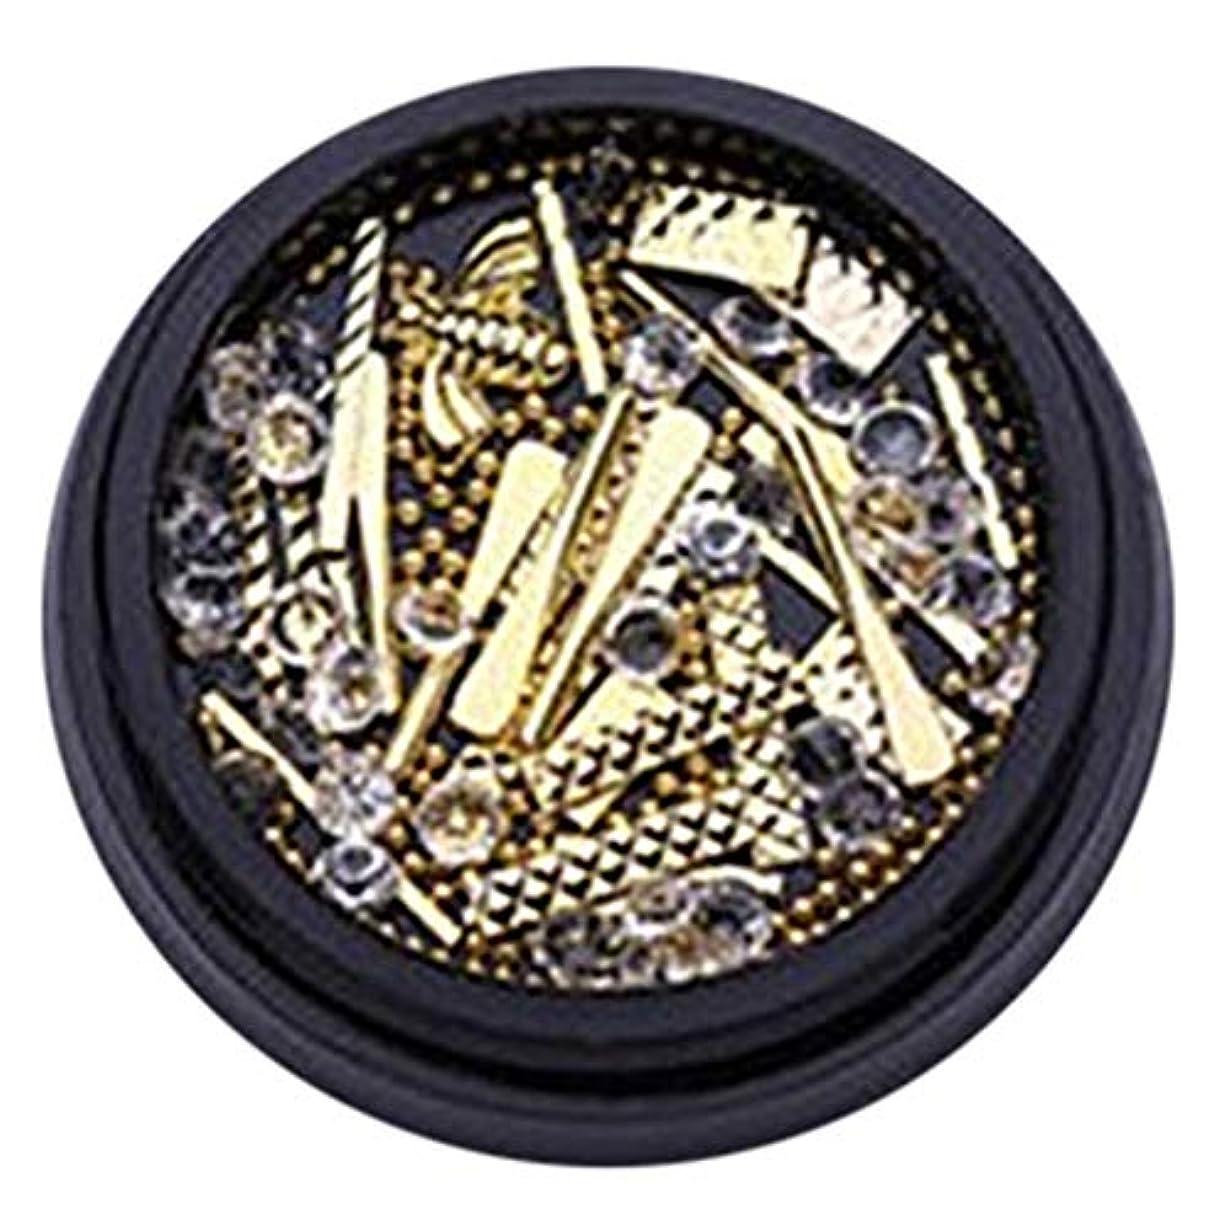 アピール近々別々にhamulekfae-和風可愛い人気ブラクケア金属バー長方形リベットネイルアート宝石ラインストーンデコレーションホイールDIYのヒント - ゴールデンGolden